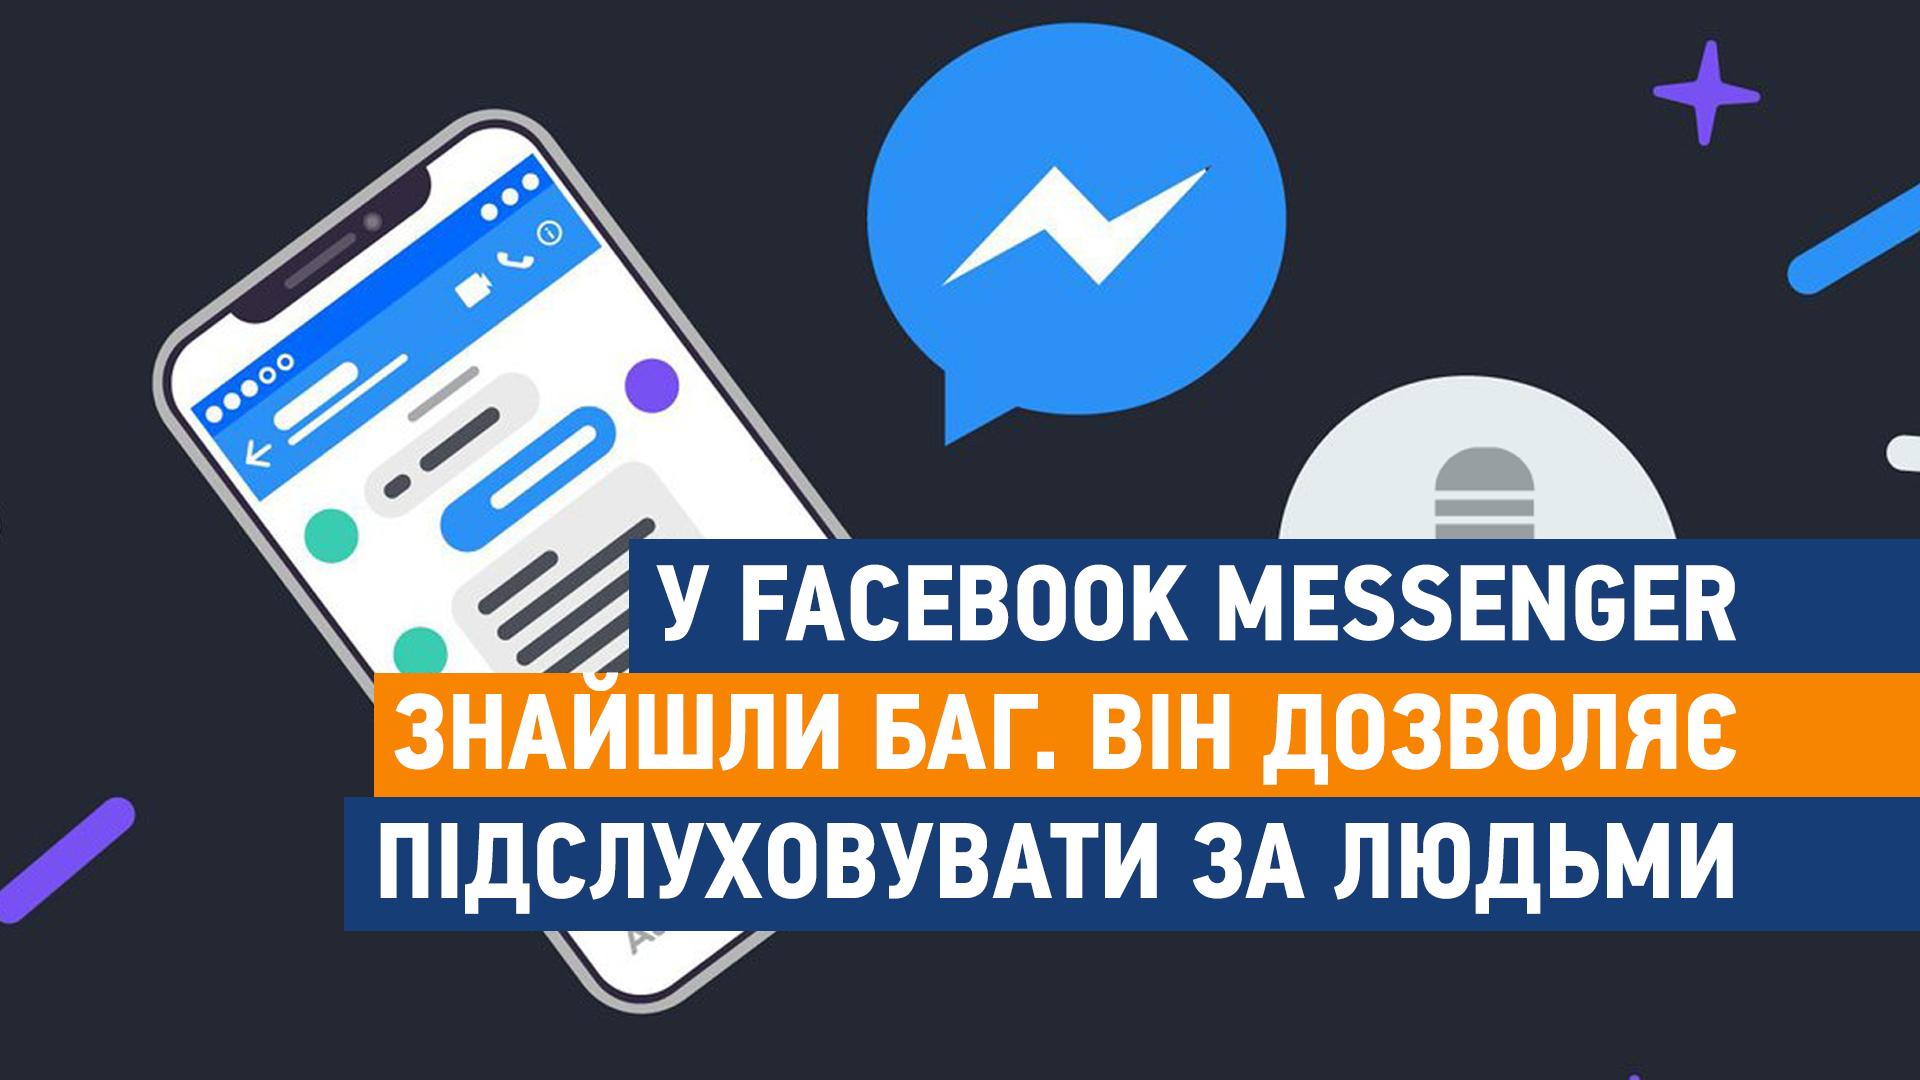 У Facebook Messenger знайшли баг. Він дозволяє підслуховувати за людьми - Безпека, google, Apple, android - shablon poglyad site 2